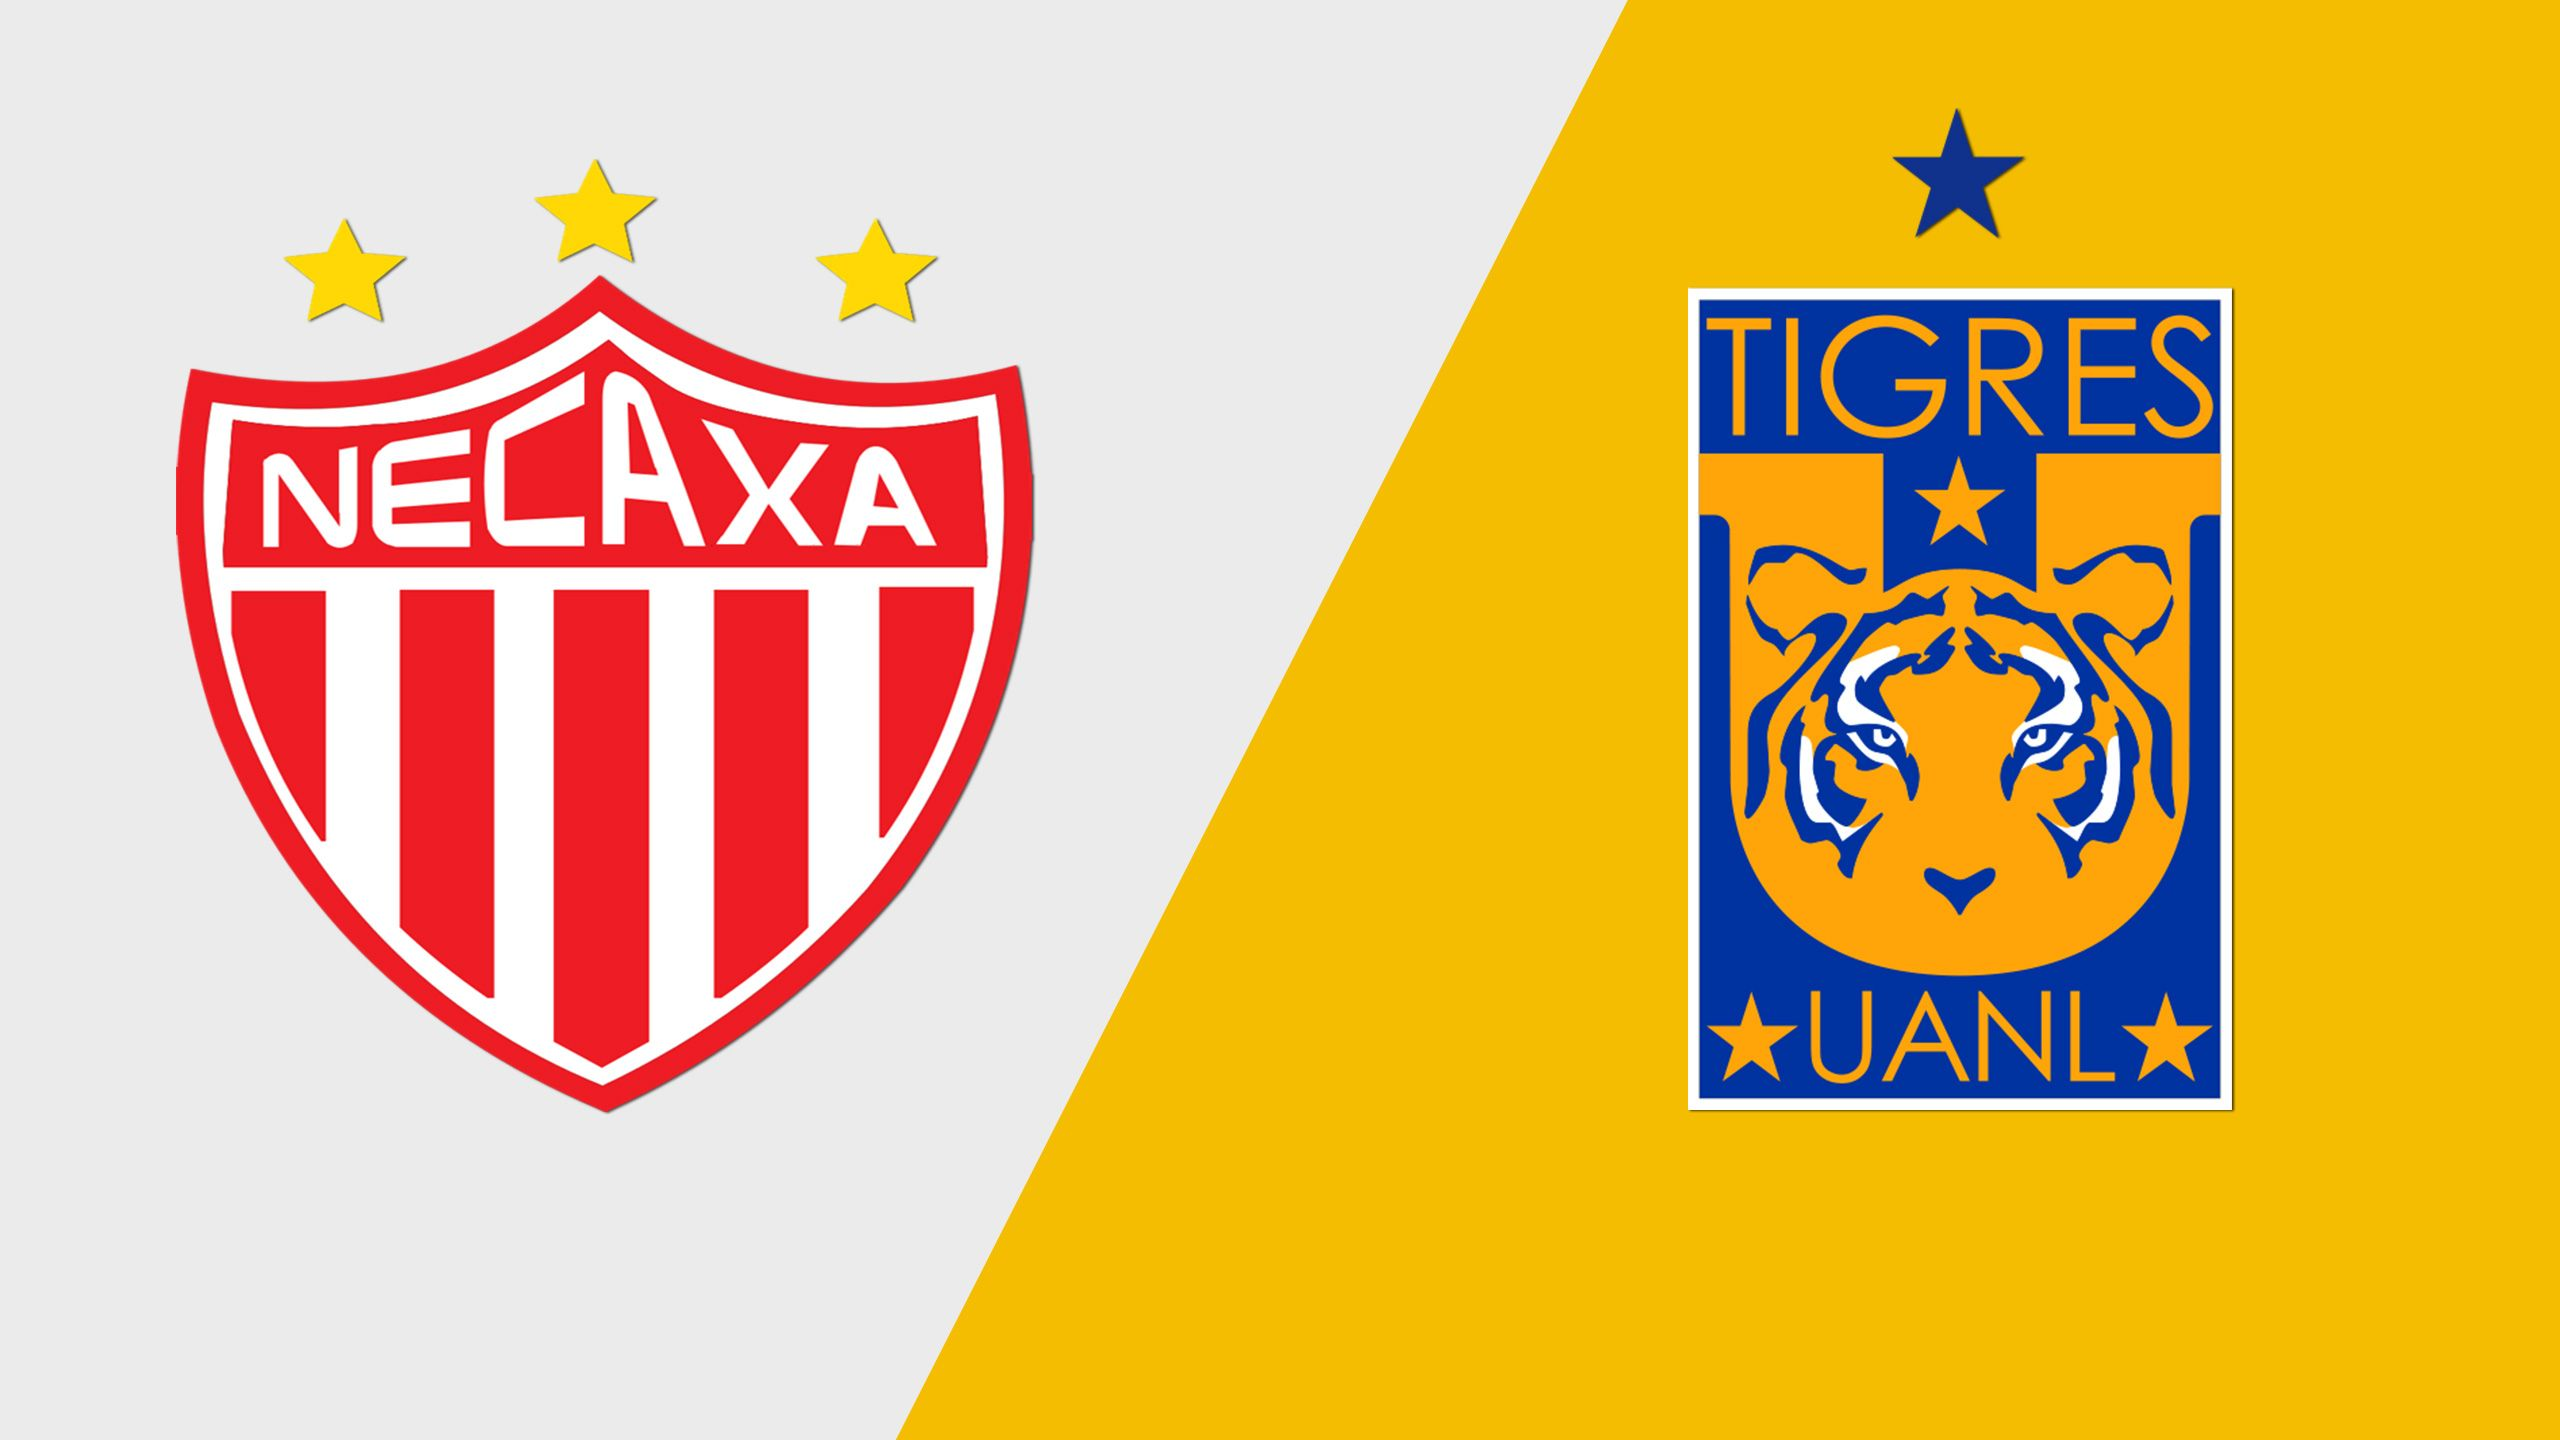 In Spanish - Rayos del Necaxa vs. Tigres UANL (Matchday #16) (Liga Bancomer)